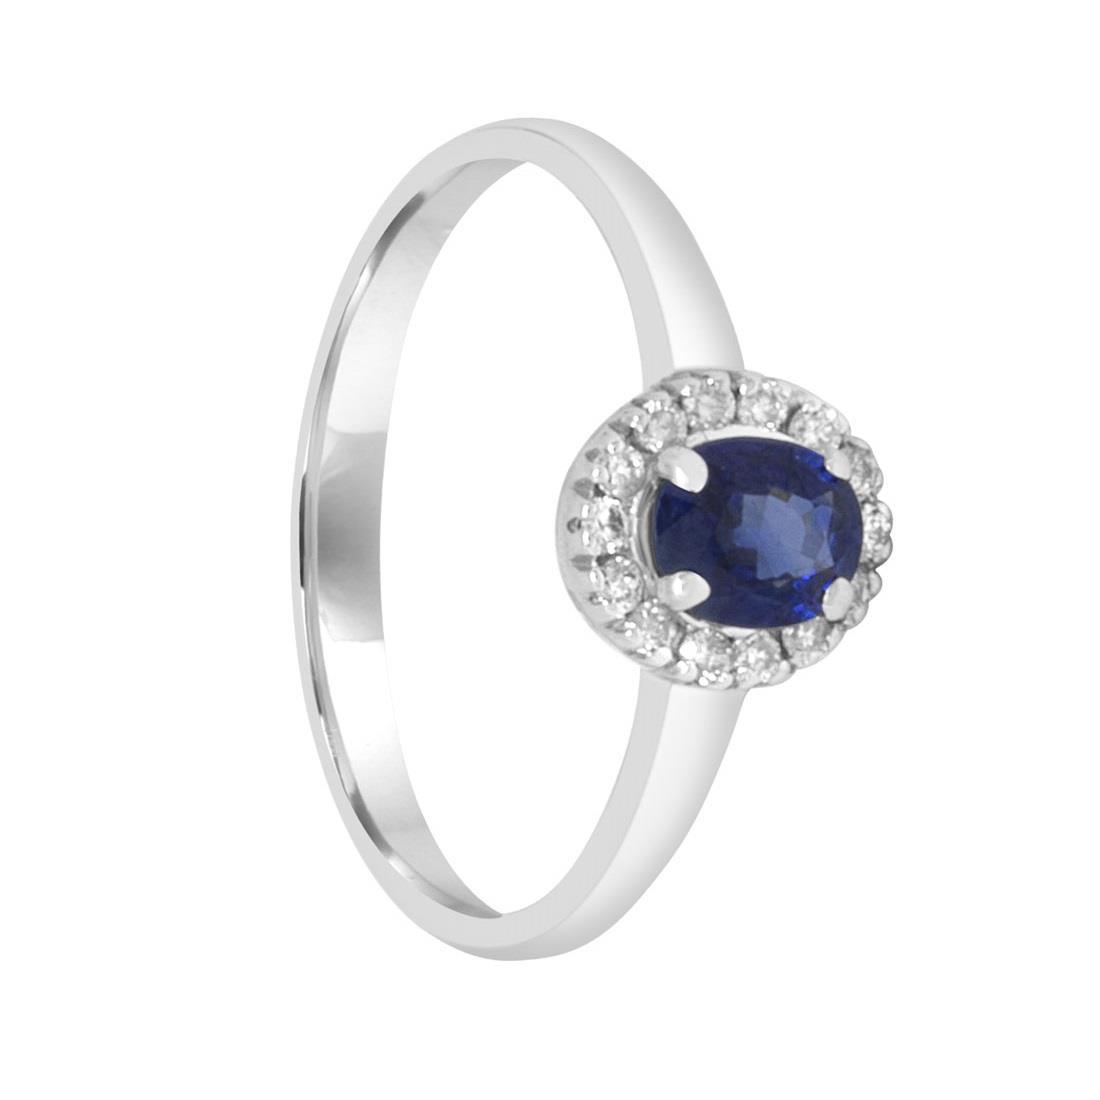 Anello in oro bianco con diamanti e zaffiri mis 13.5 - ALFIERI ST JOHN